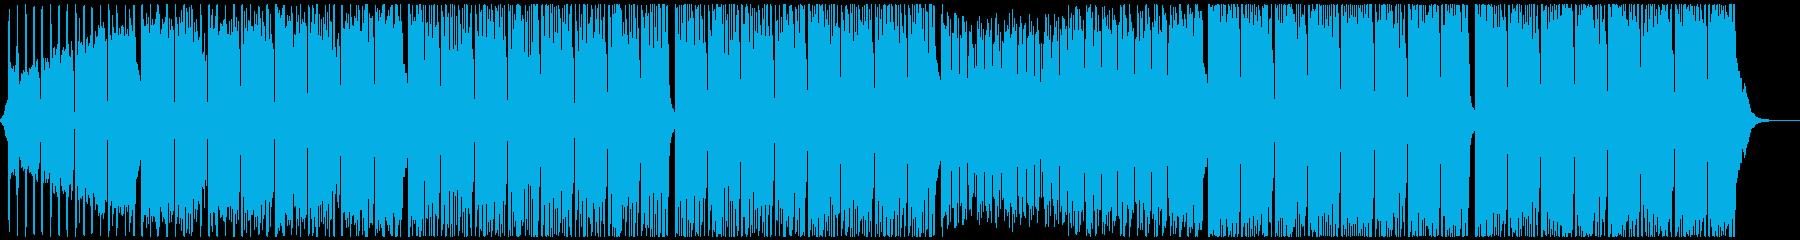 レーシングの再生済みの波形